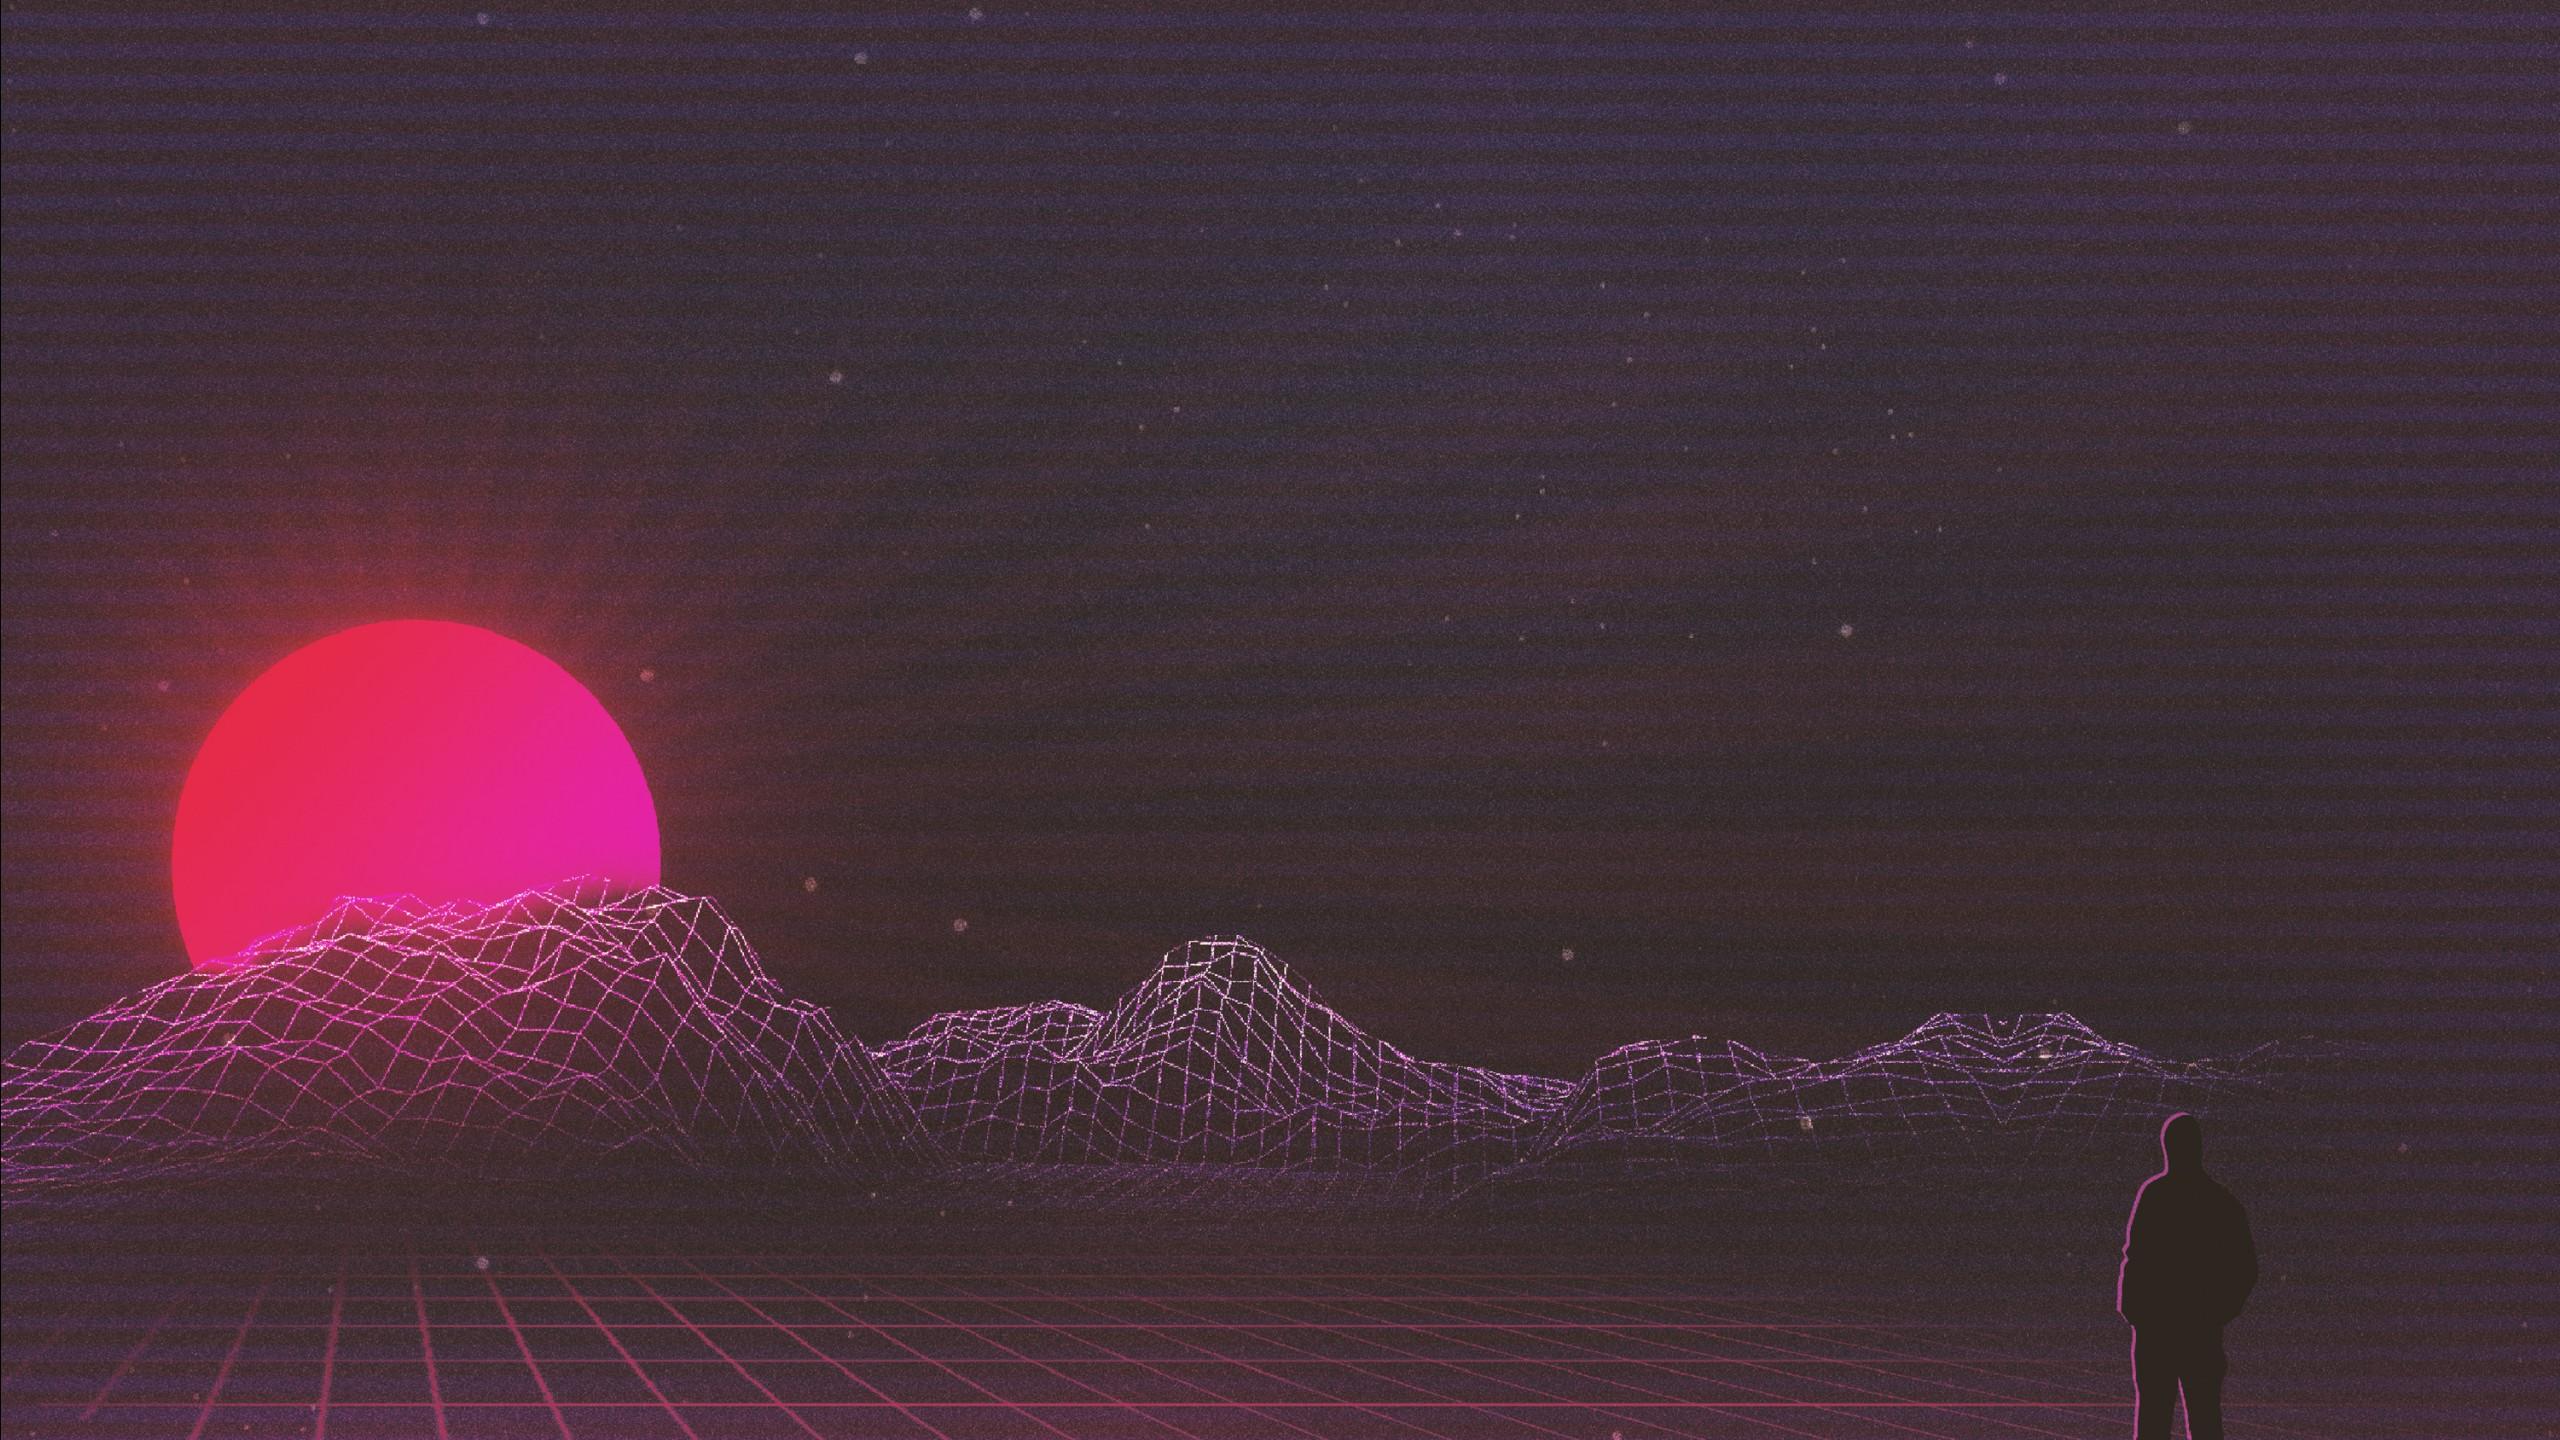 3d Neon Desktop Wallpapers Sunset Retrowave Art Wallpapers Hd Wallpapers Id 26046